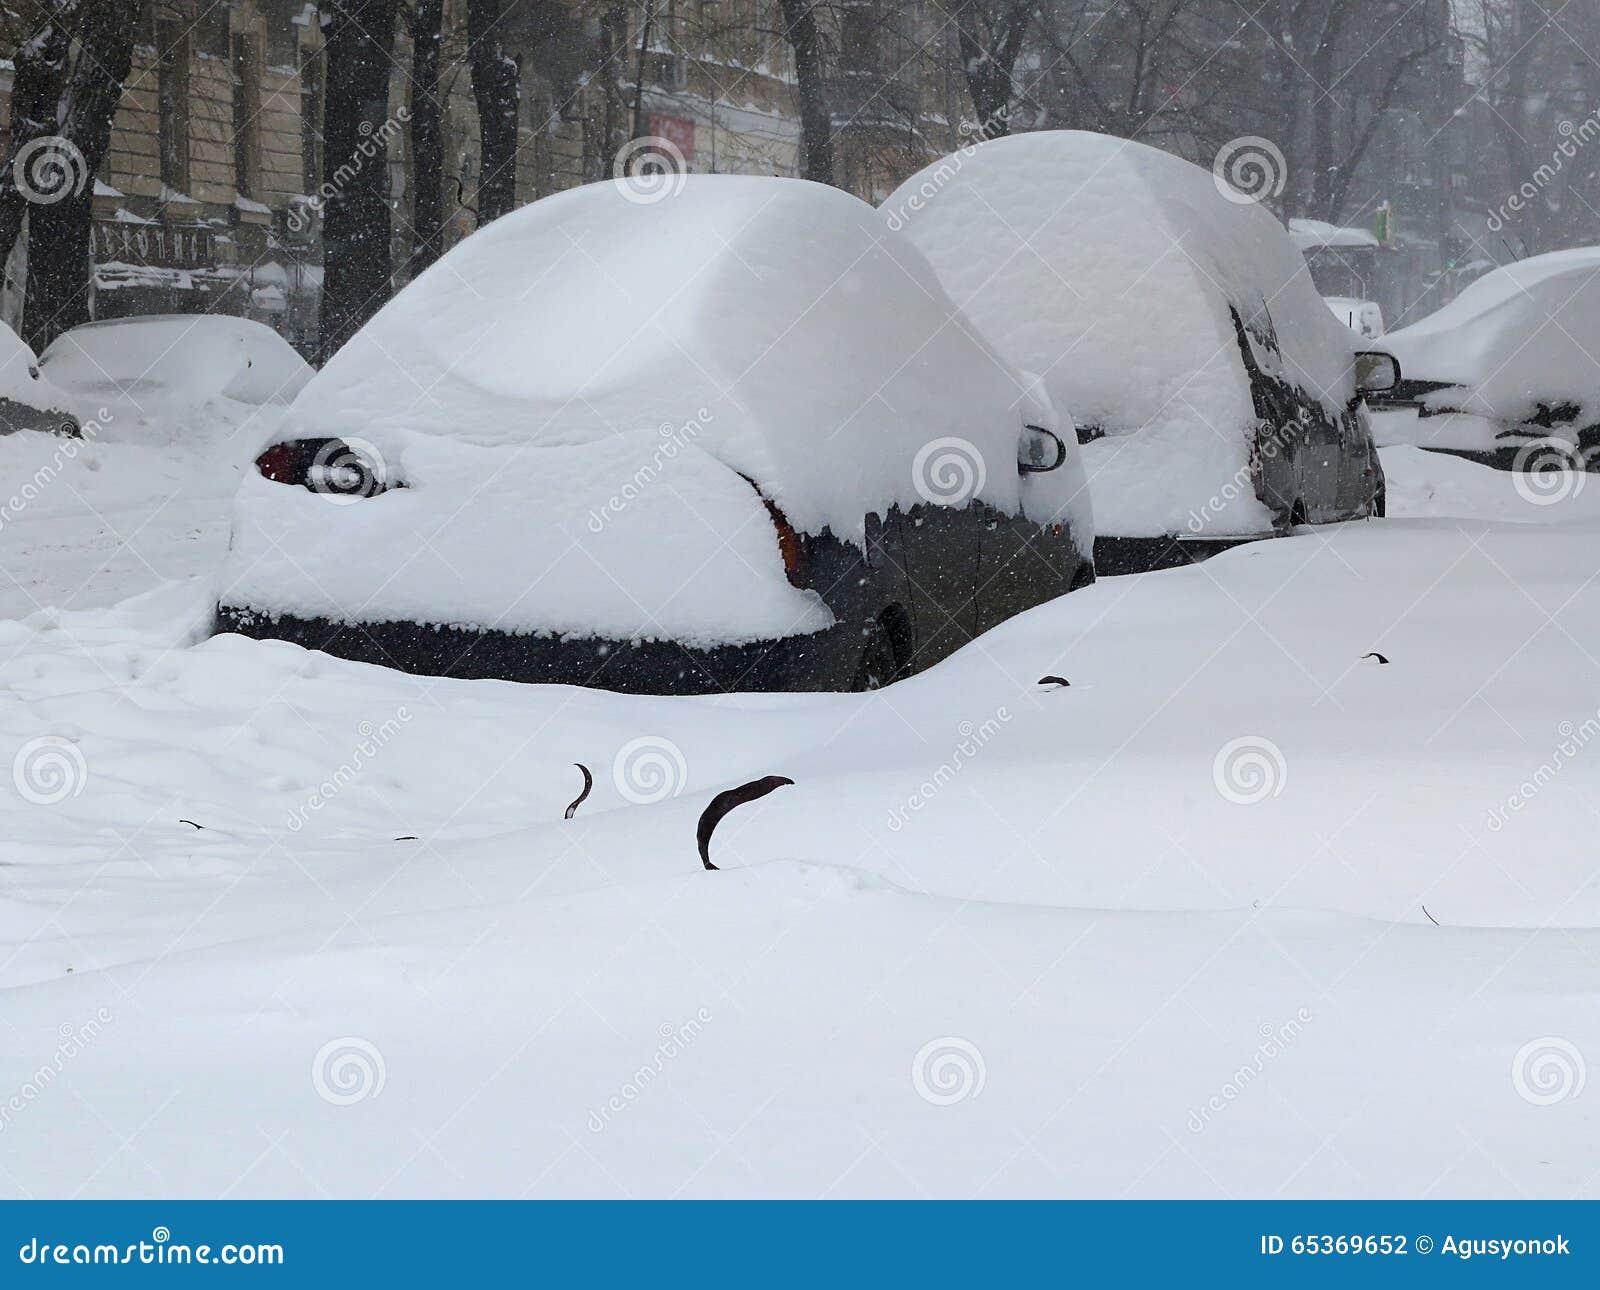 在雪,自然灾害冬天,飞雪下的汽车,大雪麻痹了城市,崩溃 积雪旋风欧洲